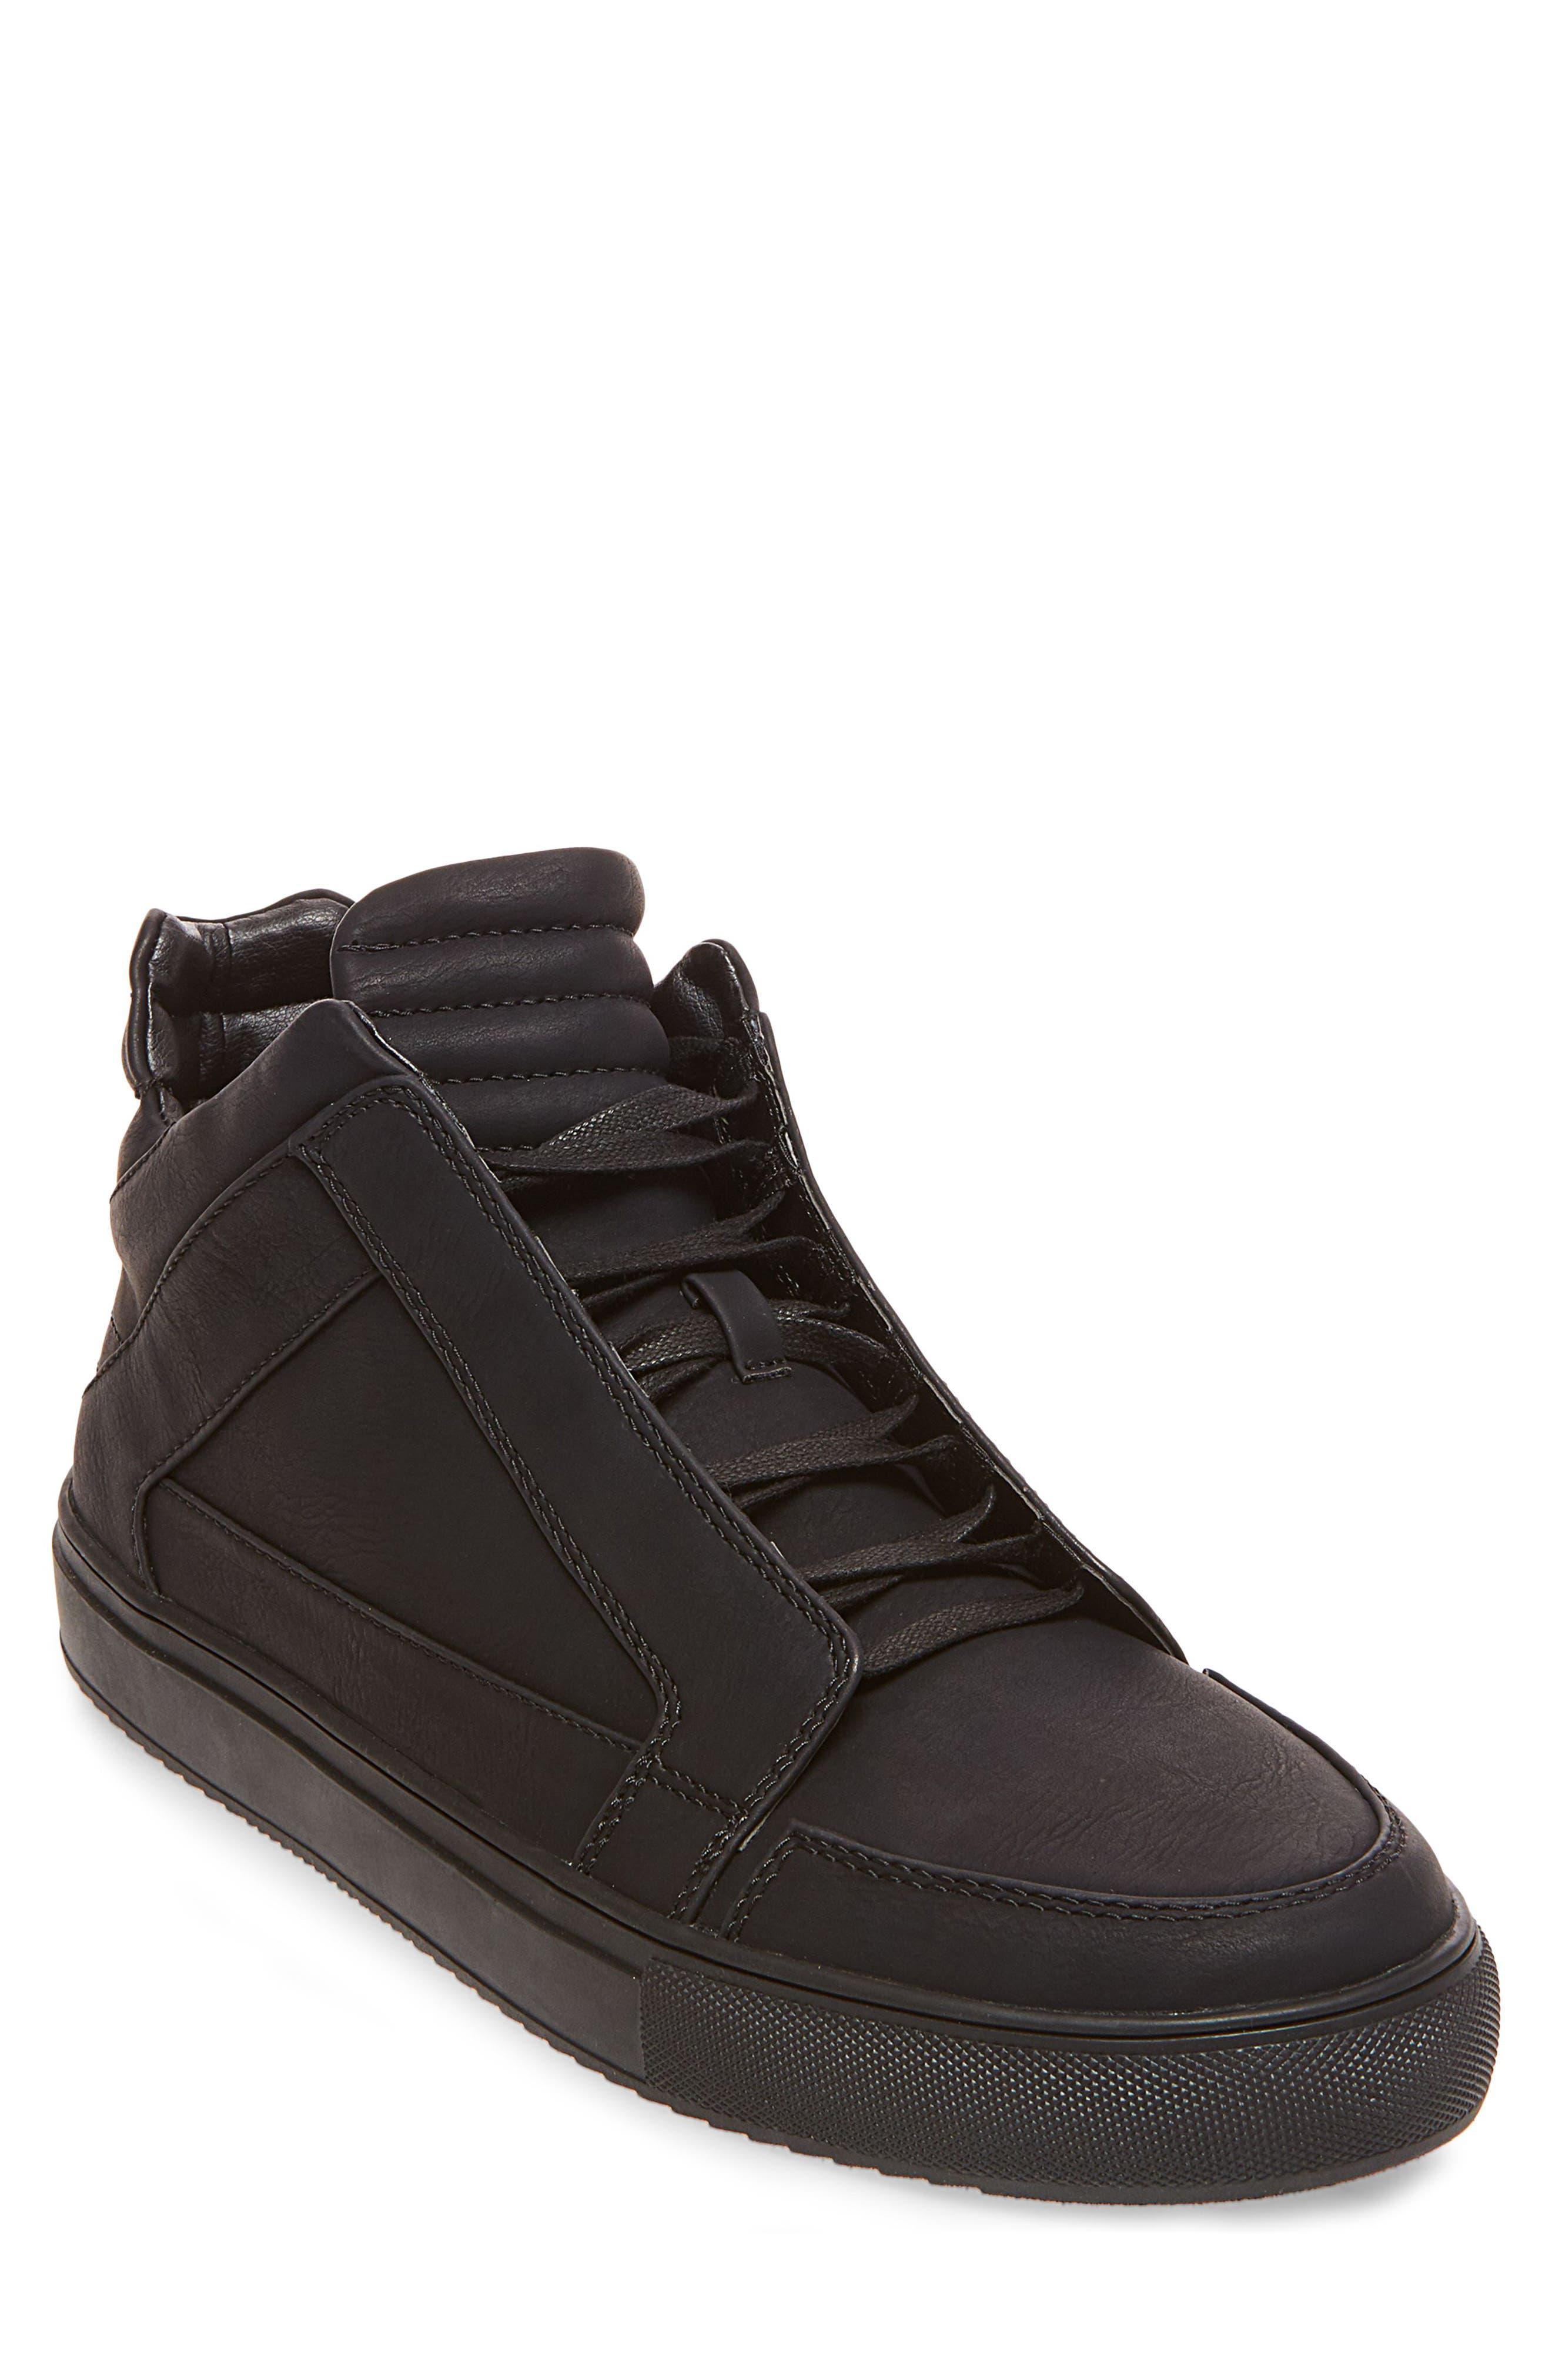 Defstar Sneaker,                         Main,                         color, 001